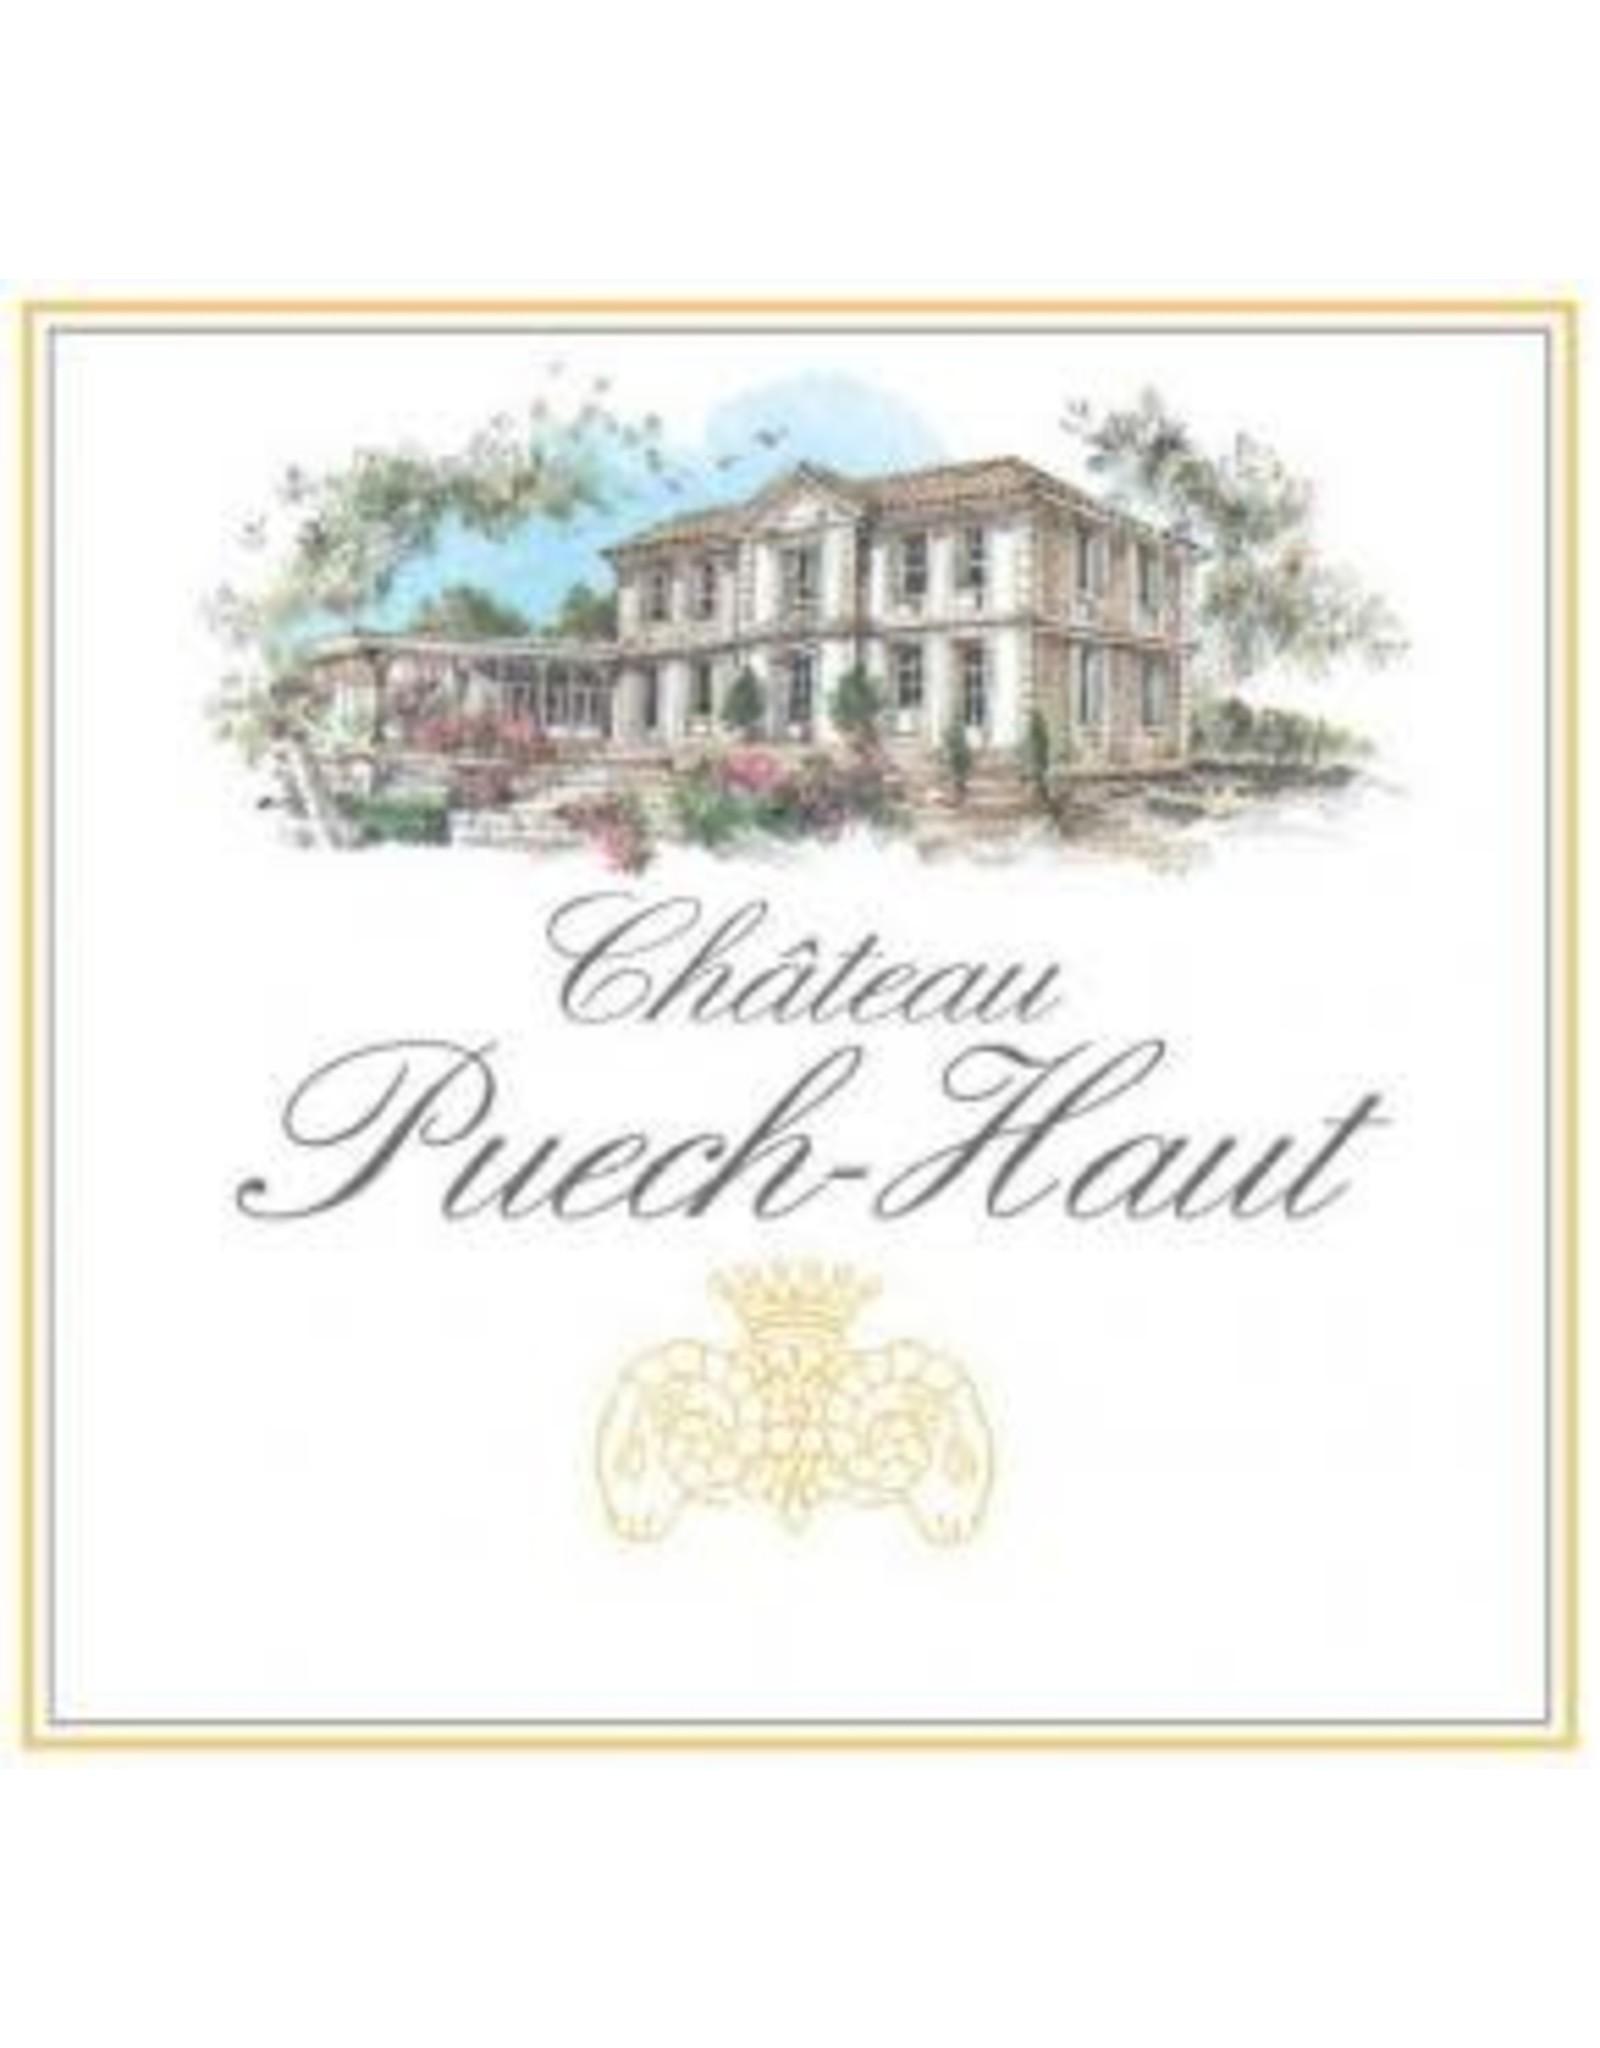 Chateau Punch-Haut Chateau Puech-Haut Prestige Rouge 2017